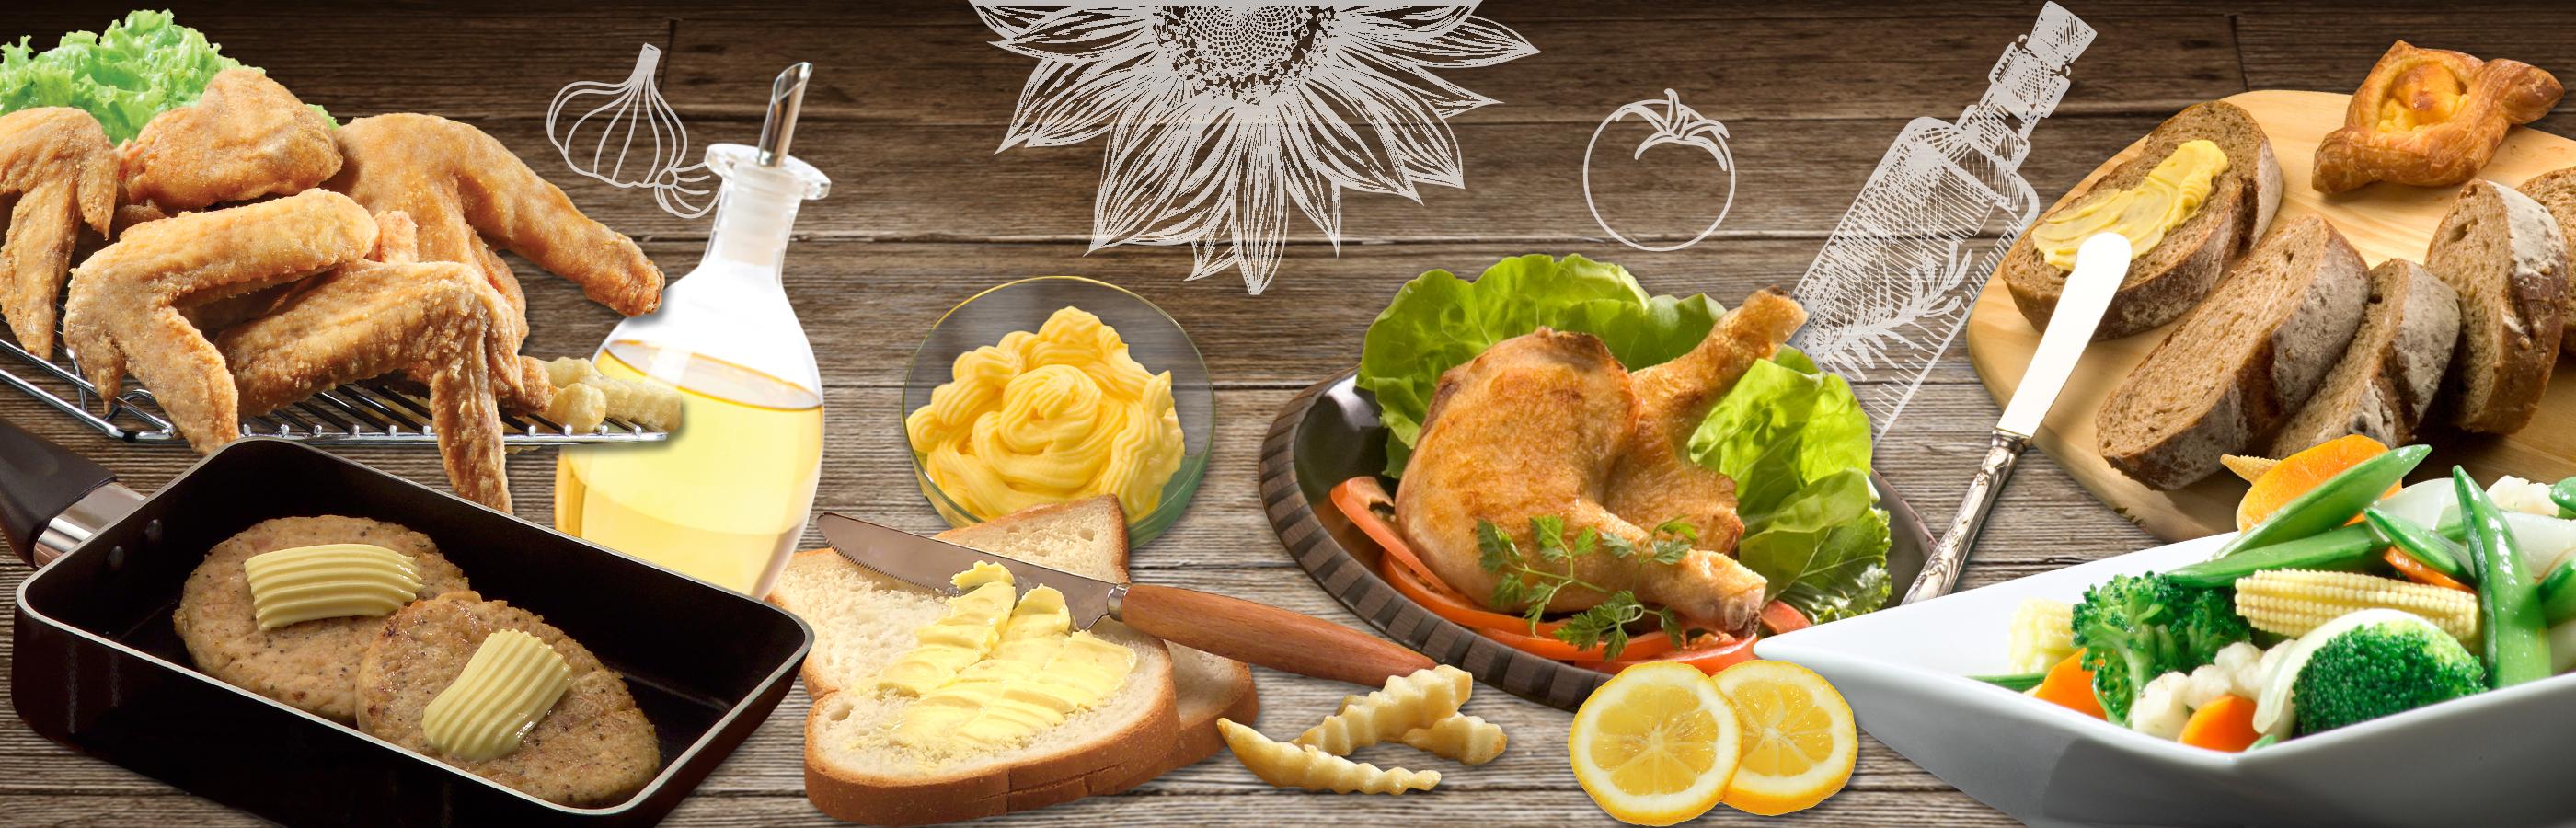 Edible Oil & Fats